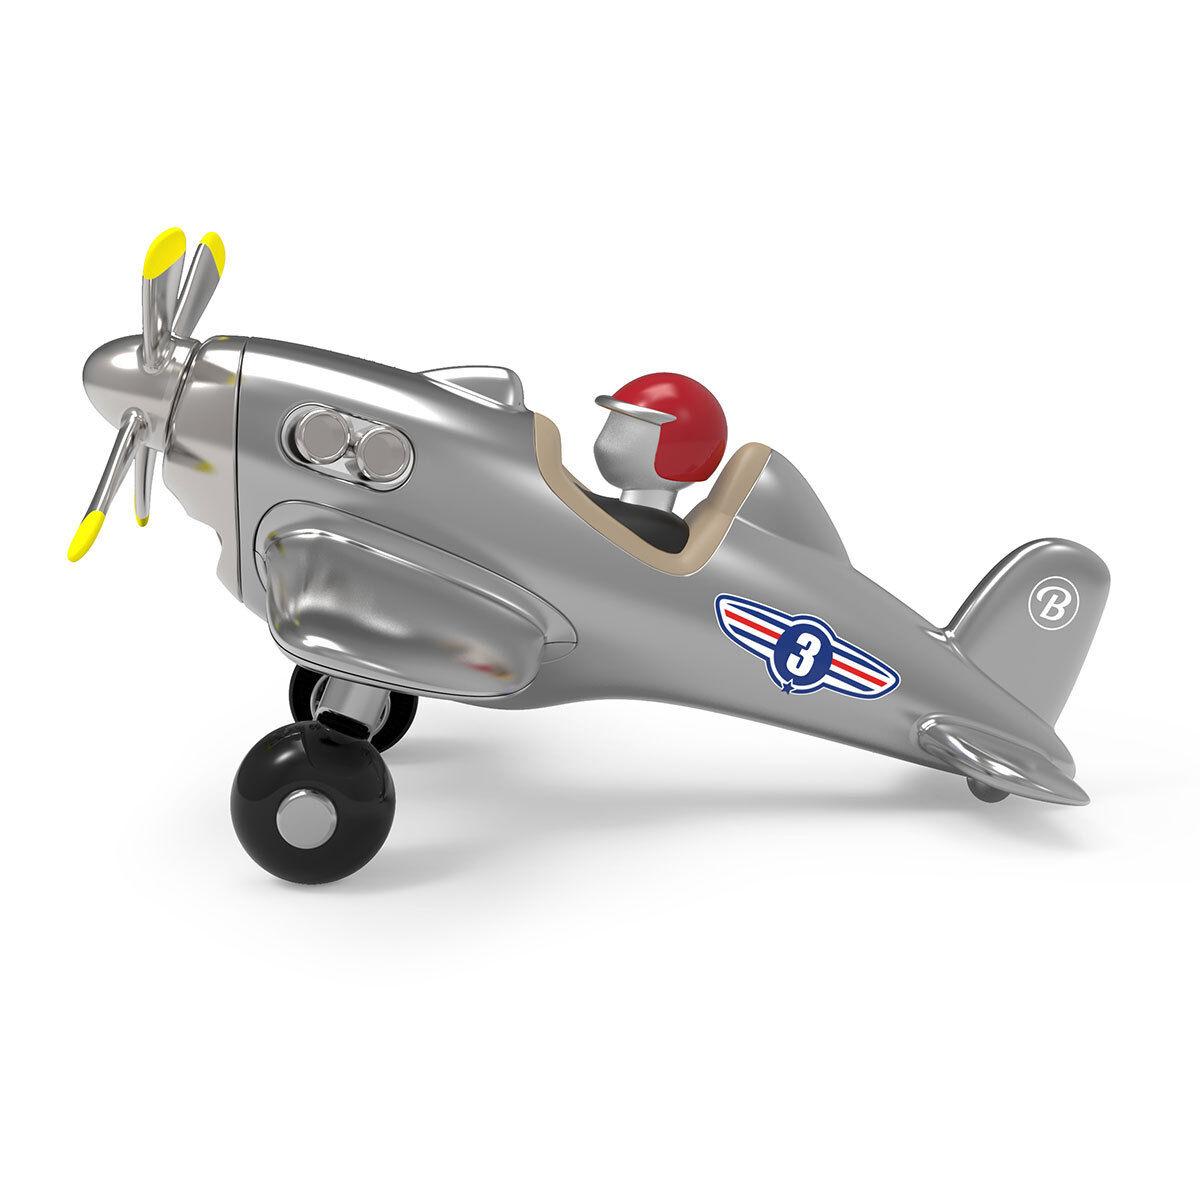 Baghera Jet Plane - Silver